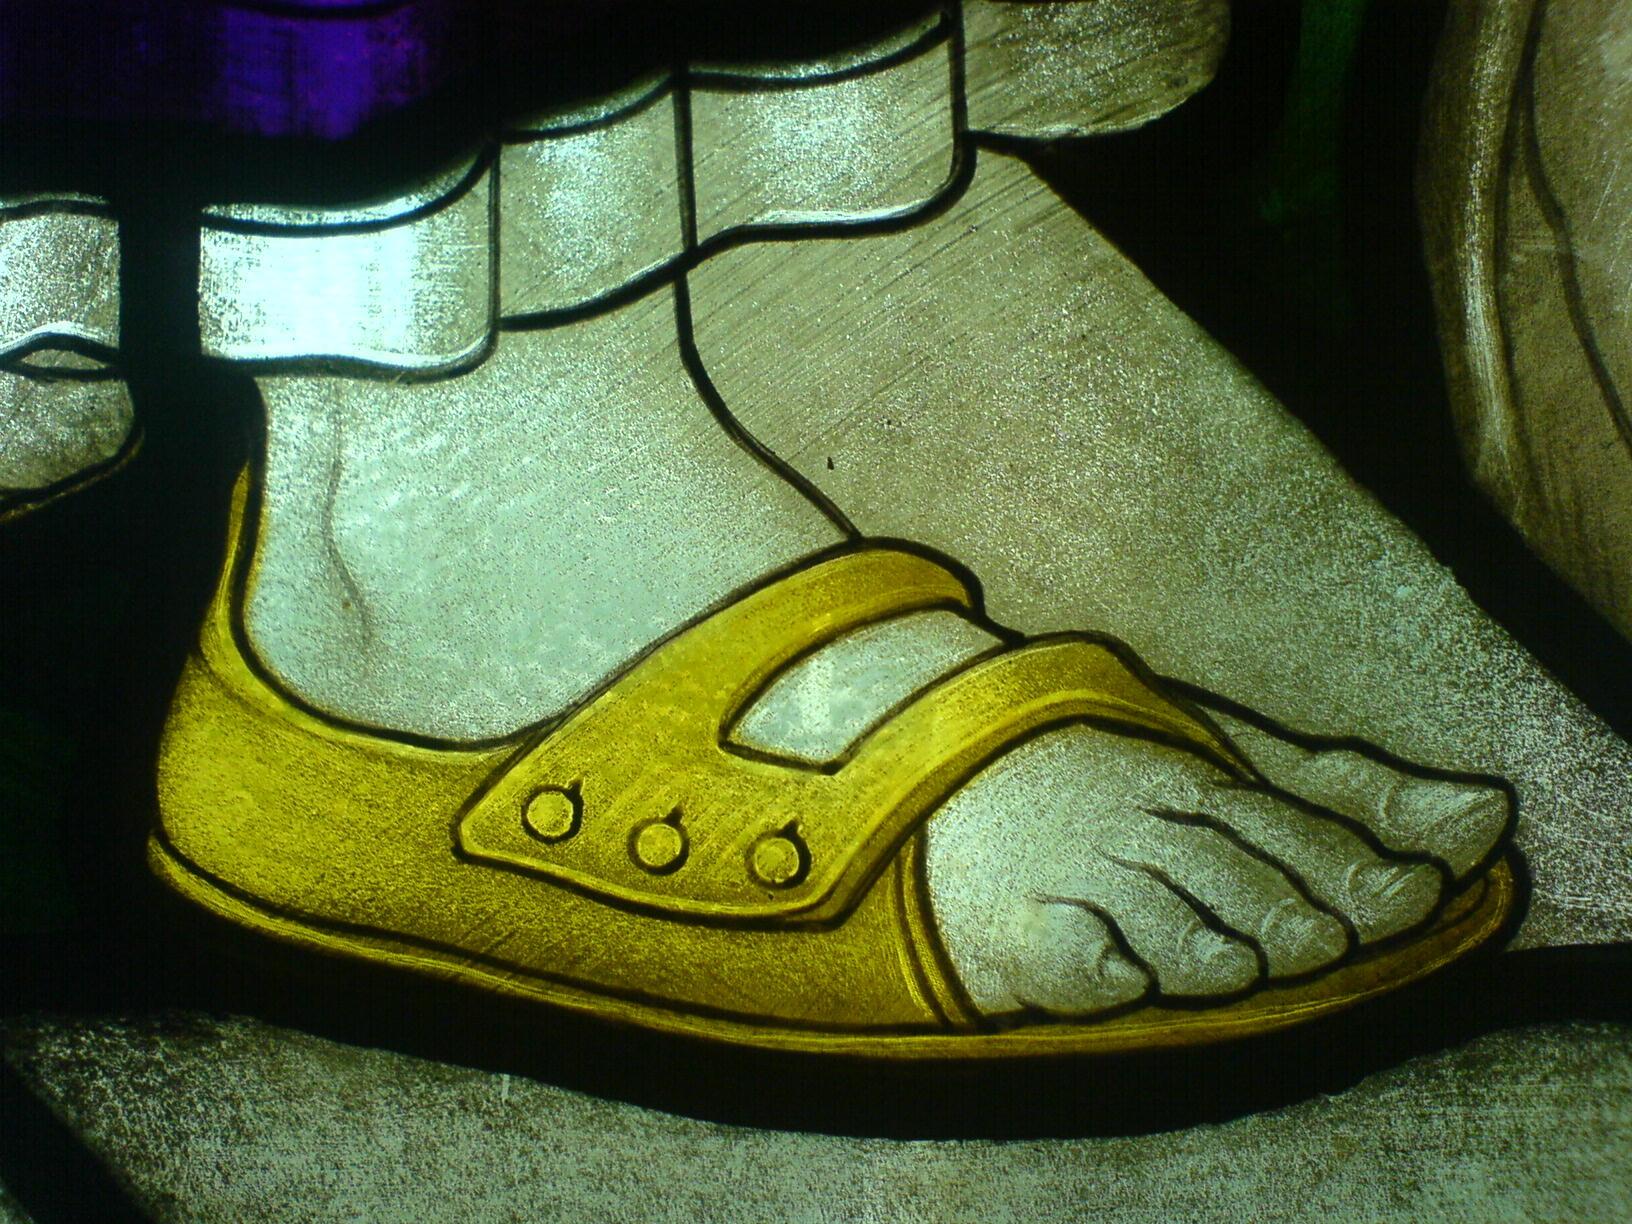 st-pauls-sandal_175548205_o